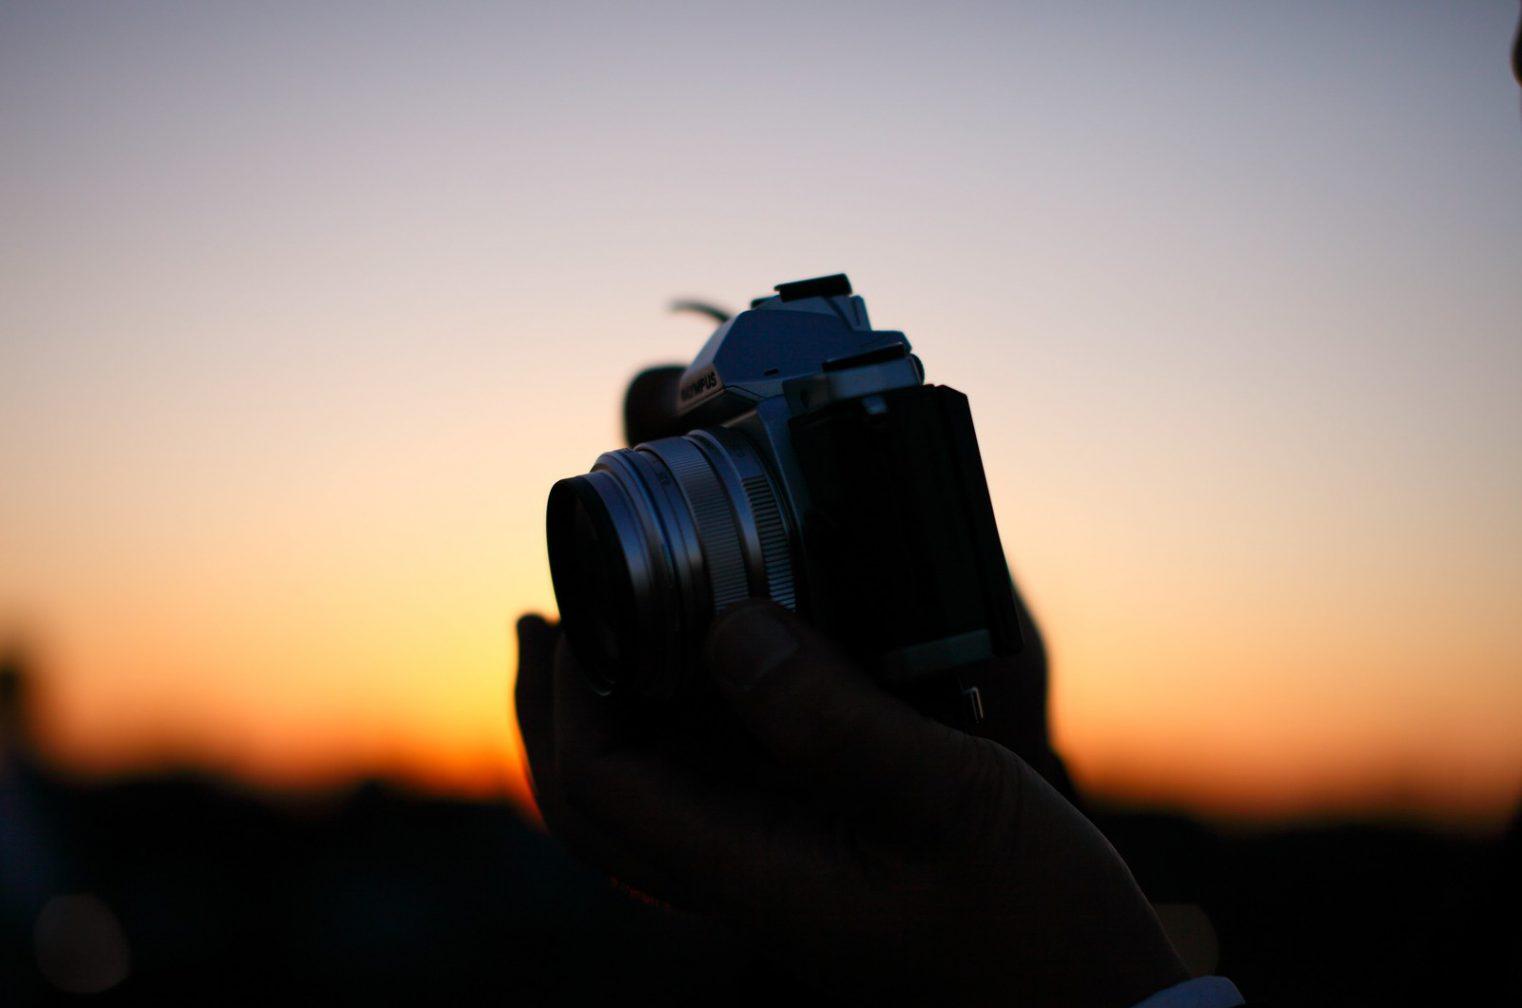 画像処理エンジンとは?rawデータで撮影するメリット、デメリット 【デジタルカメラの基礎講座(第6回)】